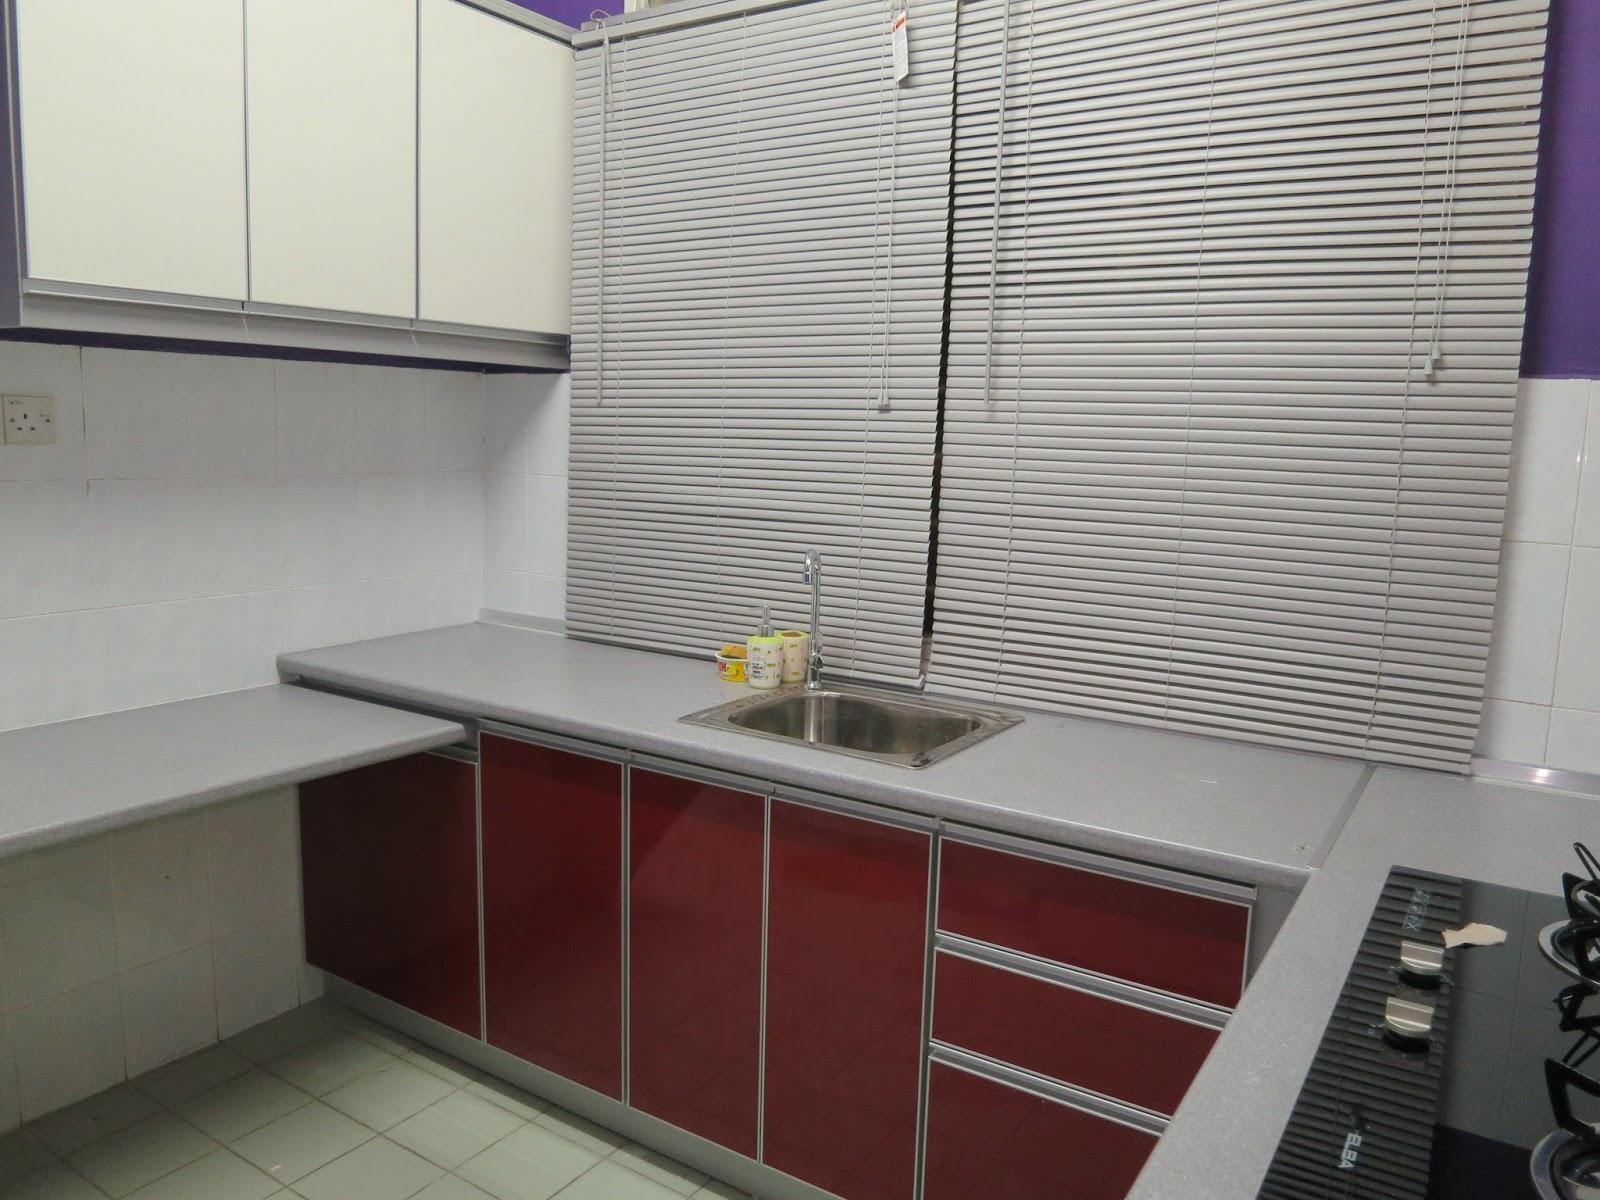 +Dapur+Rumah+Teres Pin Design Kabinet Dapur Reka Hias Rumah Teres ...